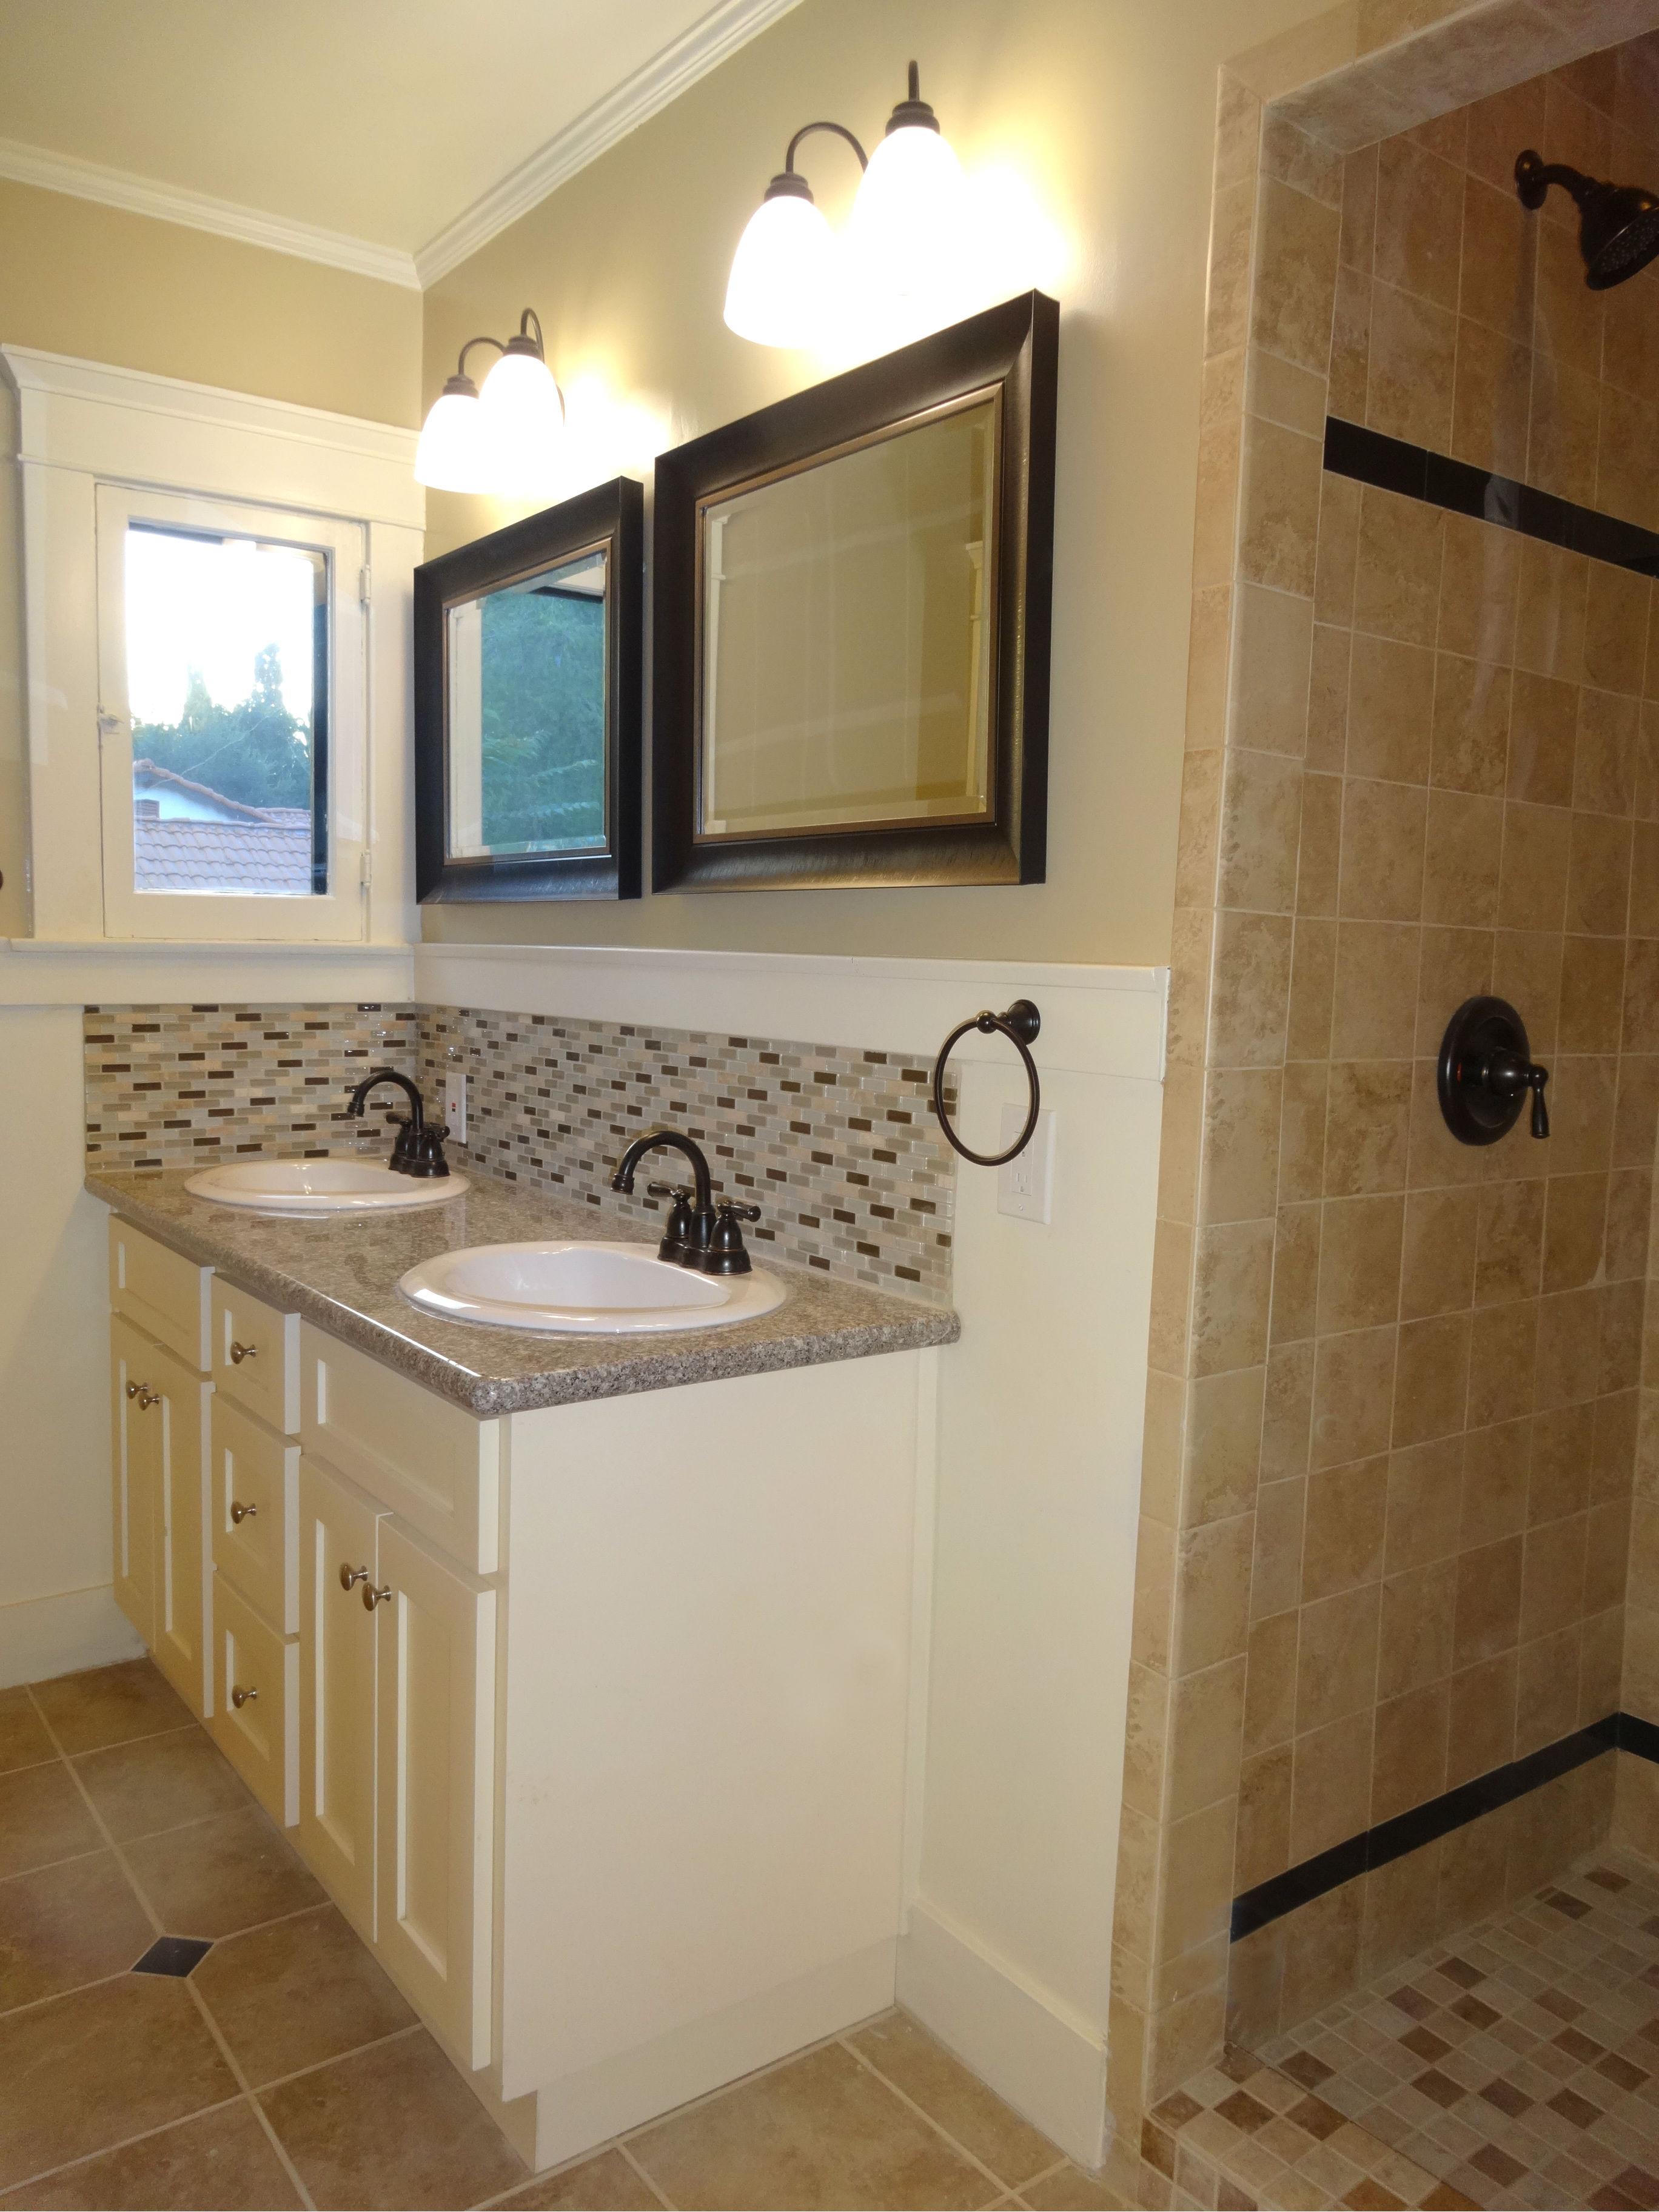 Completely remodeled bathroom with tile floor, granite counter, tile back splash, tiled shower enclosure, and dual sinks.